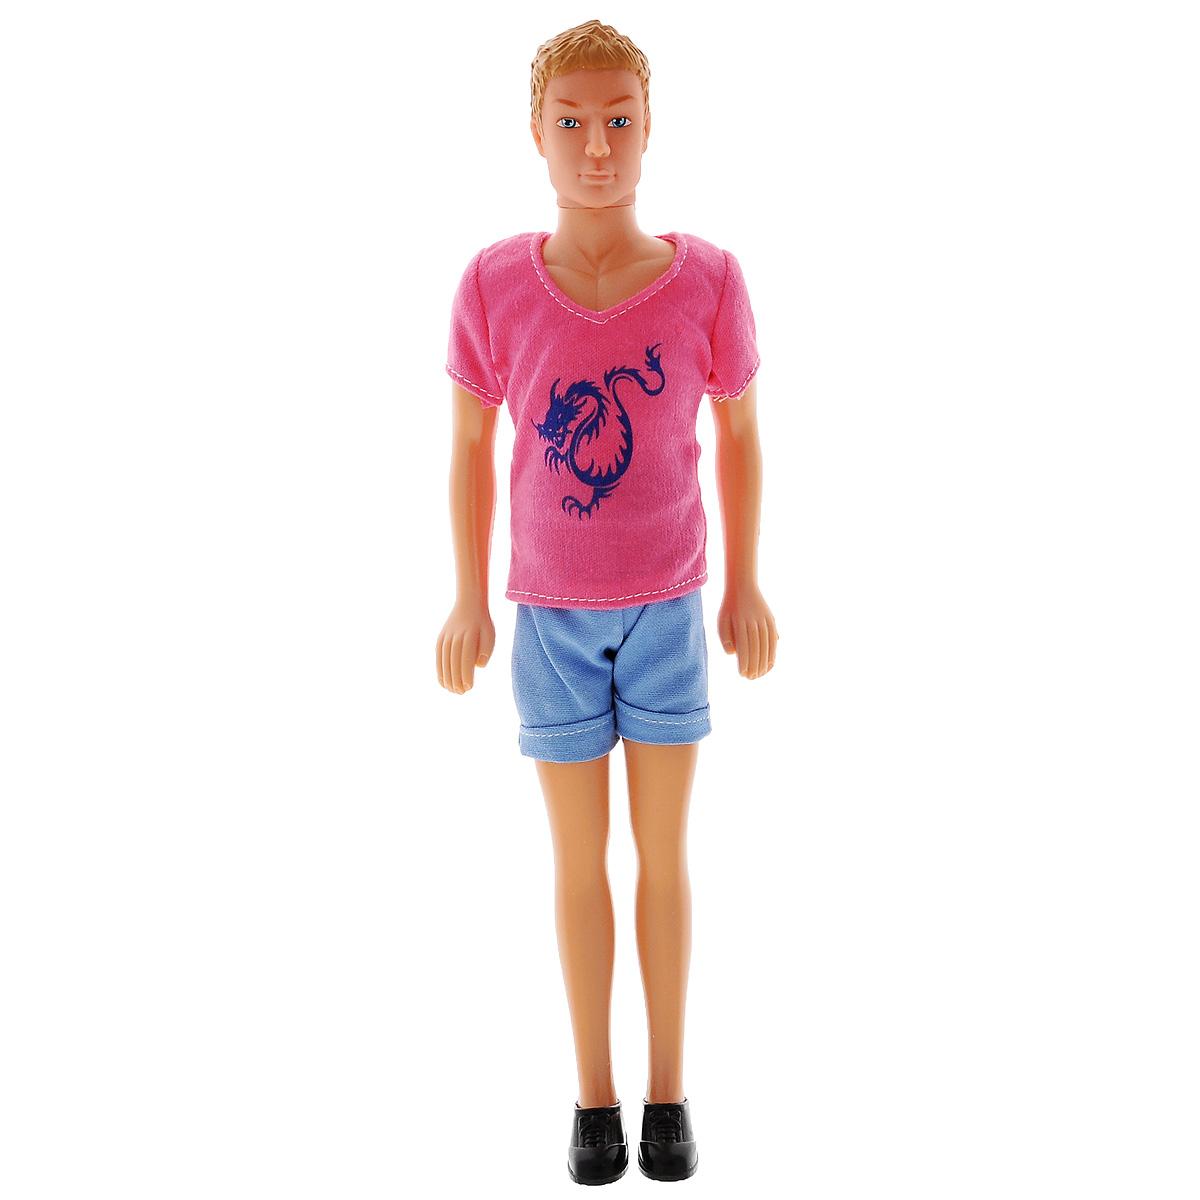 Simba Кукла Кевин-спортсмен5731629Кукла Кевин-спортсмен станет отличным другом для куклы Штеффи. Множество увлекательных игр подарит детям эта игрушечная пара! Кевин красив и хорош собой, одет в шорты и яркую футболку, прекрасно подчеркивающую спортивную фигуру. Кукла выполнена из безопасного пластика, имеет подвижные руки и ноги. Играя с куклой, ребенок может придумывать и разыгрывать различные сюжеты, что способствует развитию фантазии, воображения, а также творческих способностей. Порадуйте свою малышку таким великолепным подарком!